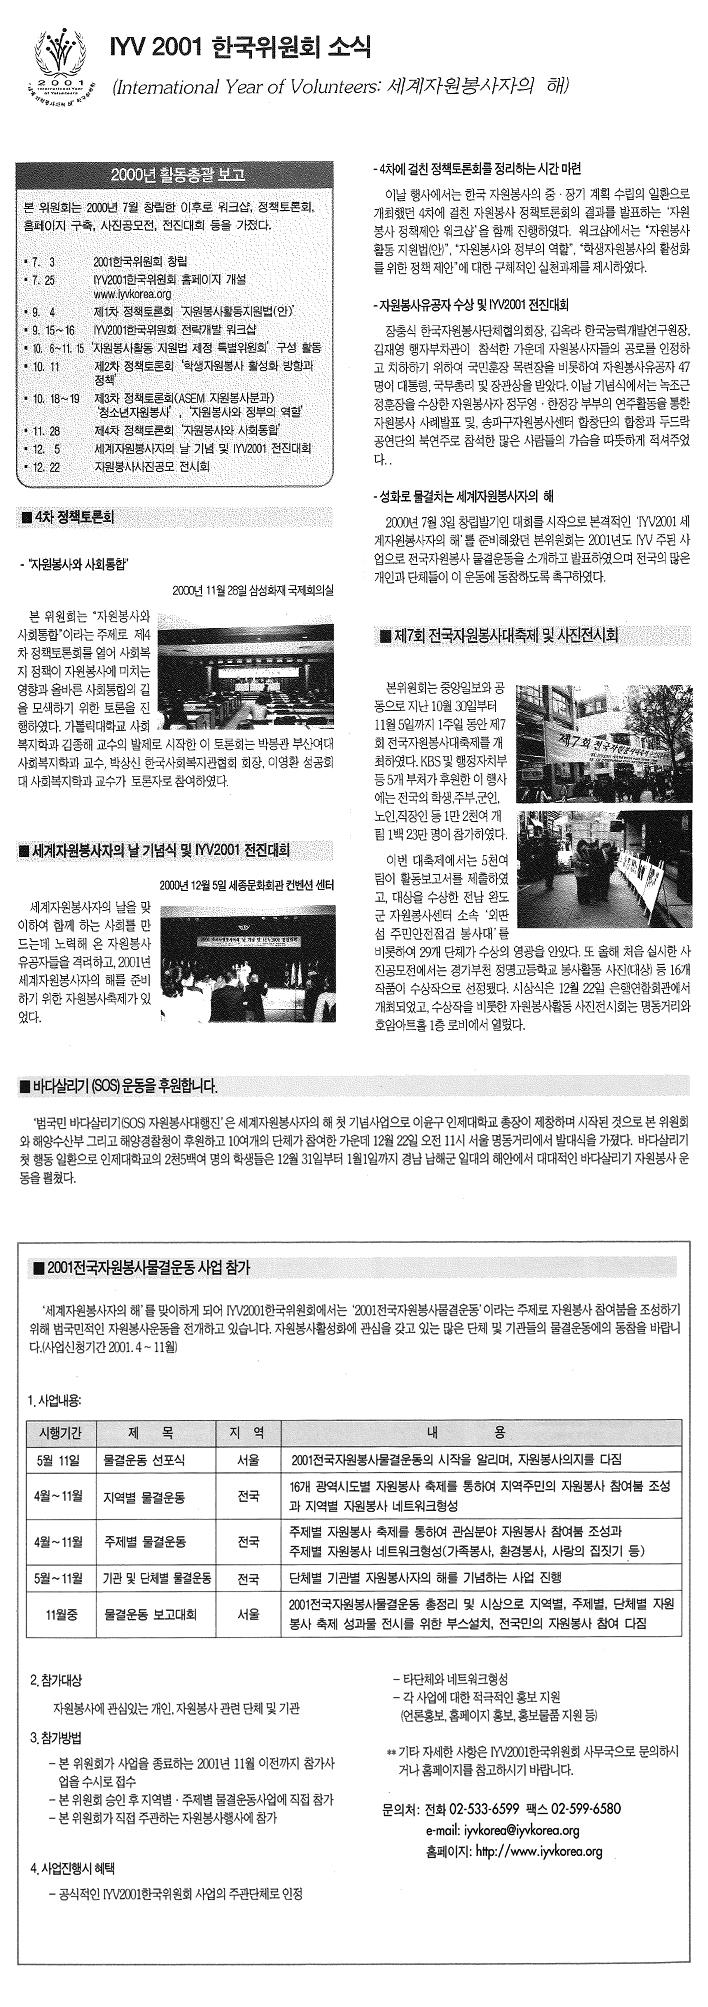 25호 IYV2001 한국위원회